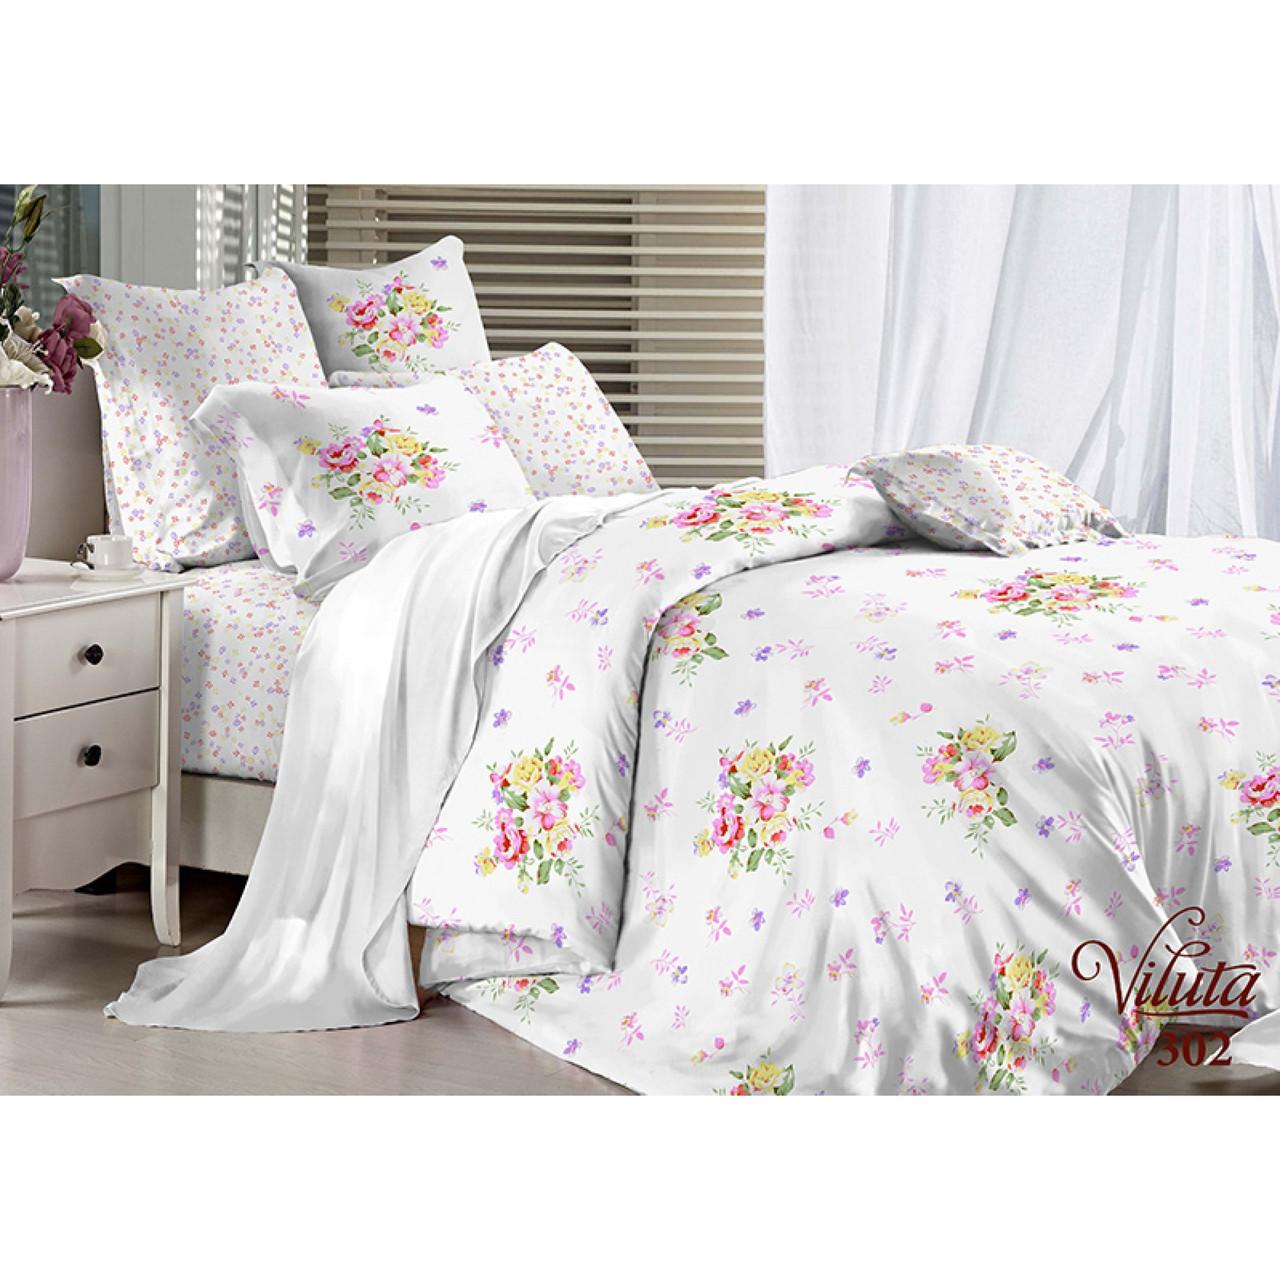 Комплект постельного белья Viluta сатин 302